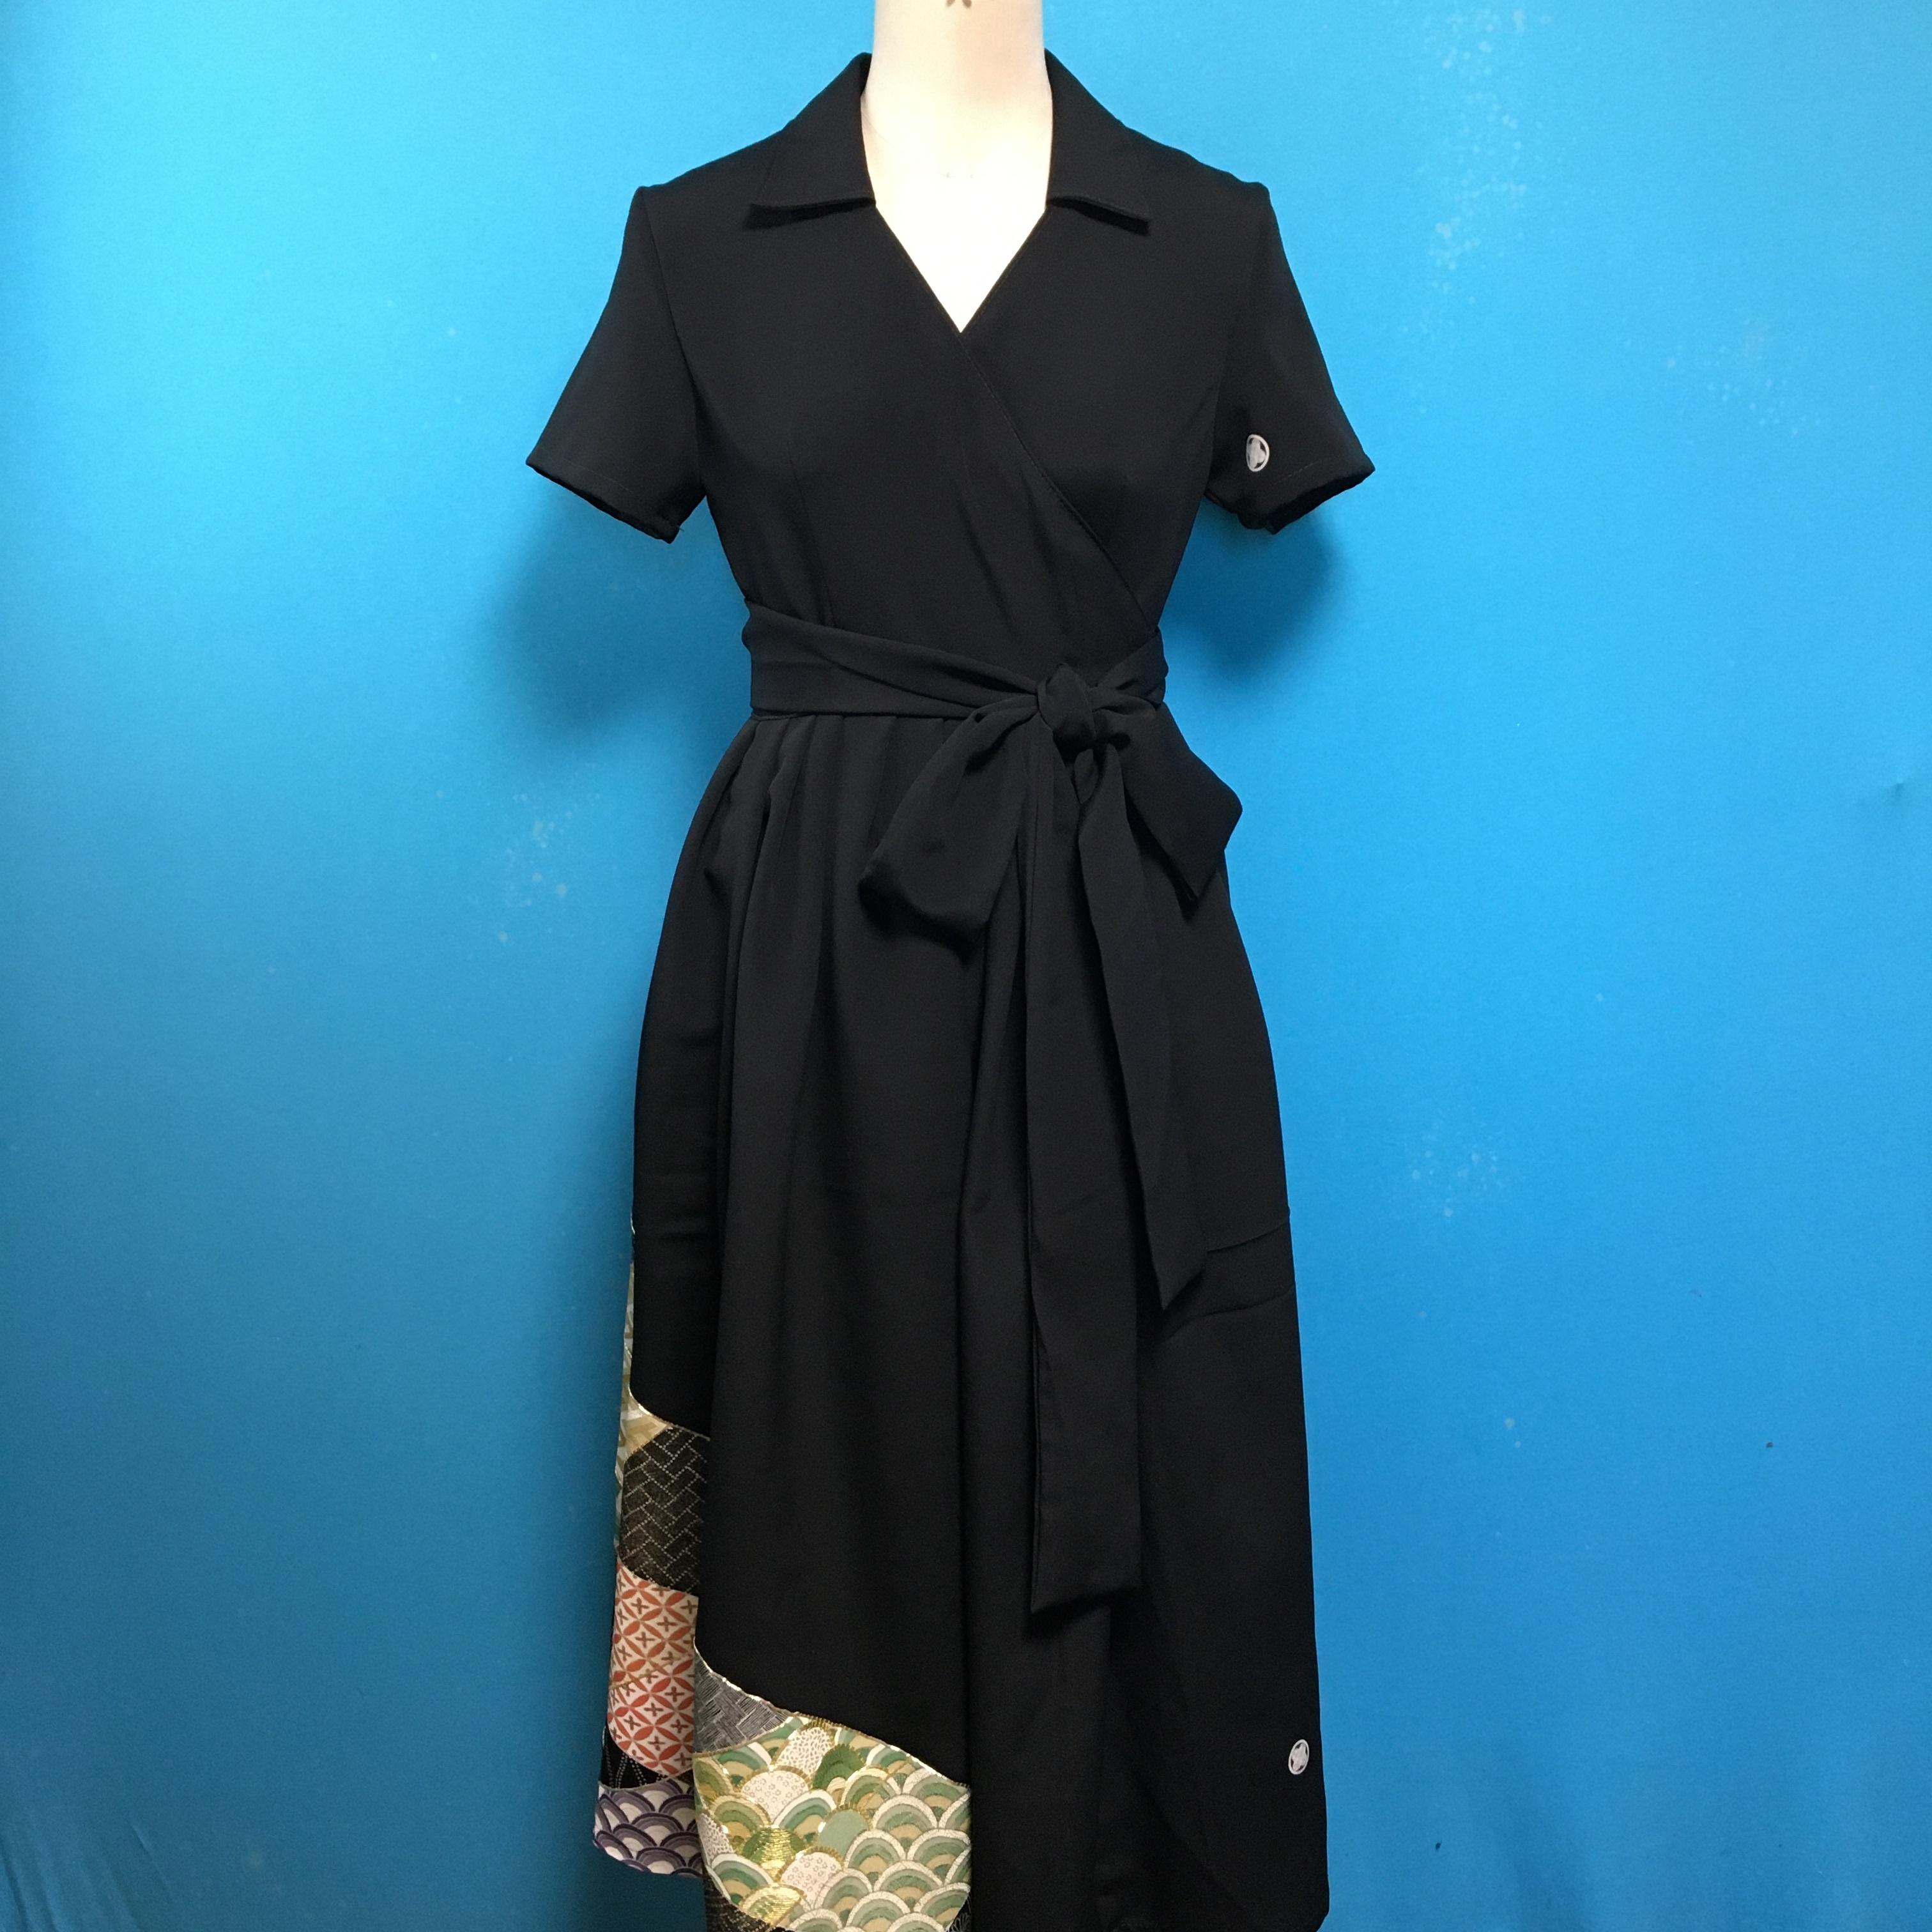 Vintage 留袖 ラップドレス US6